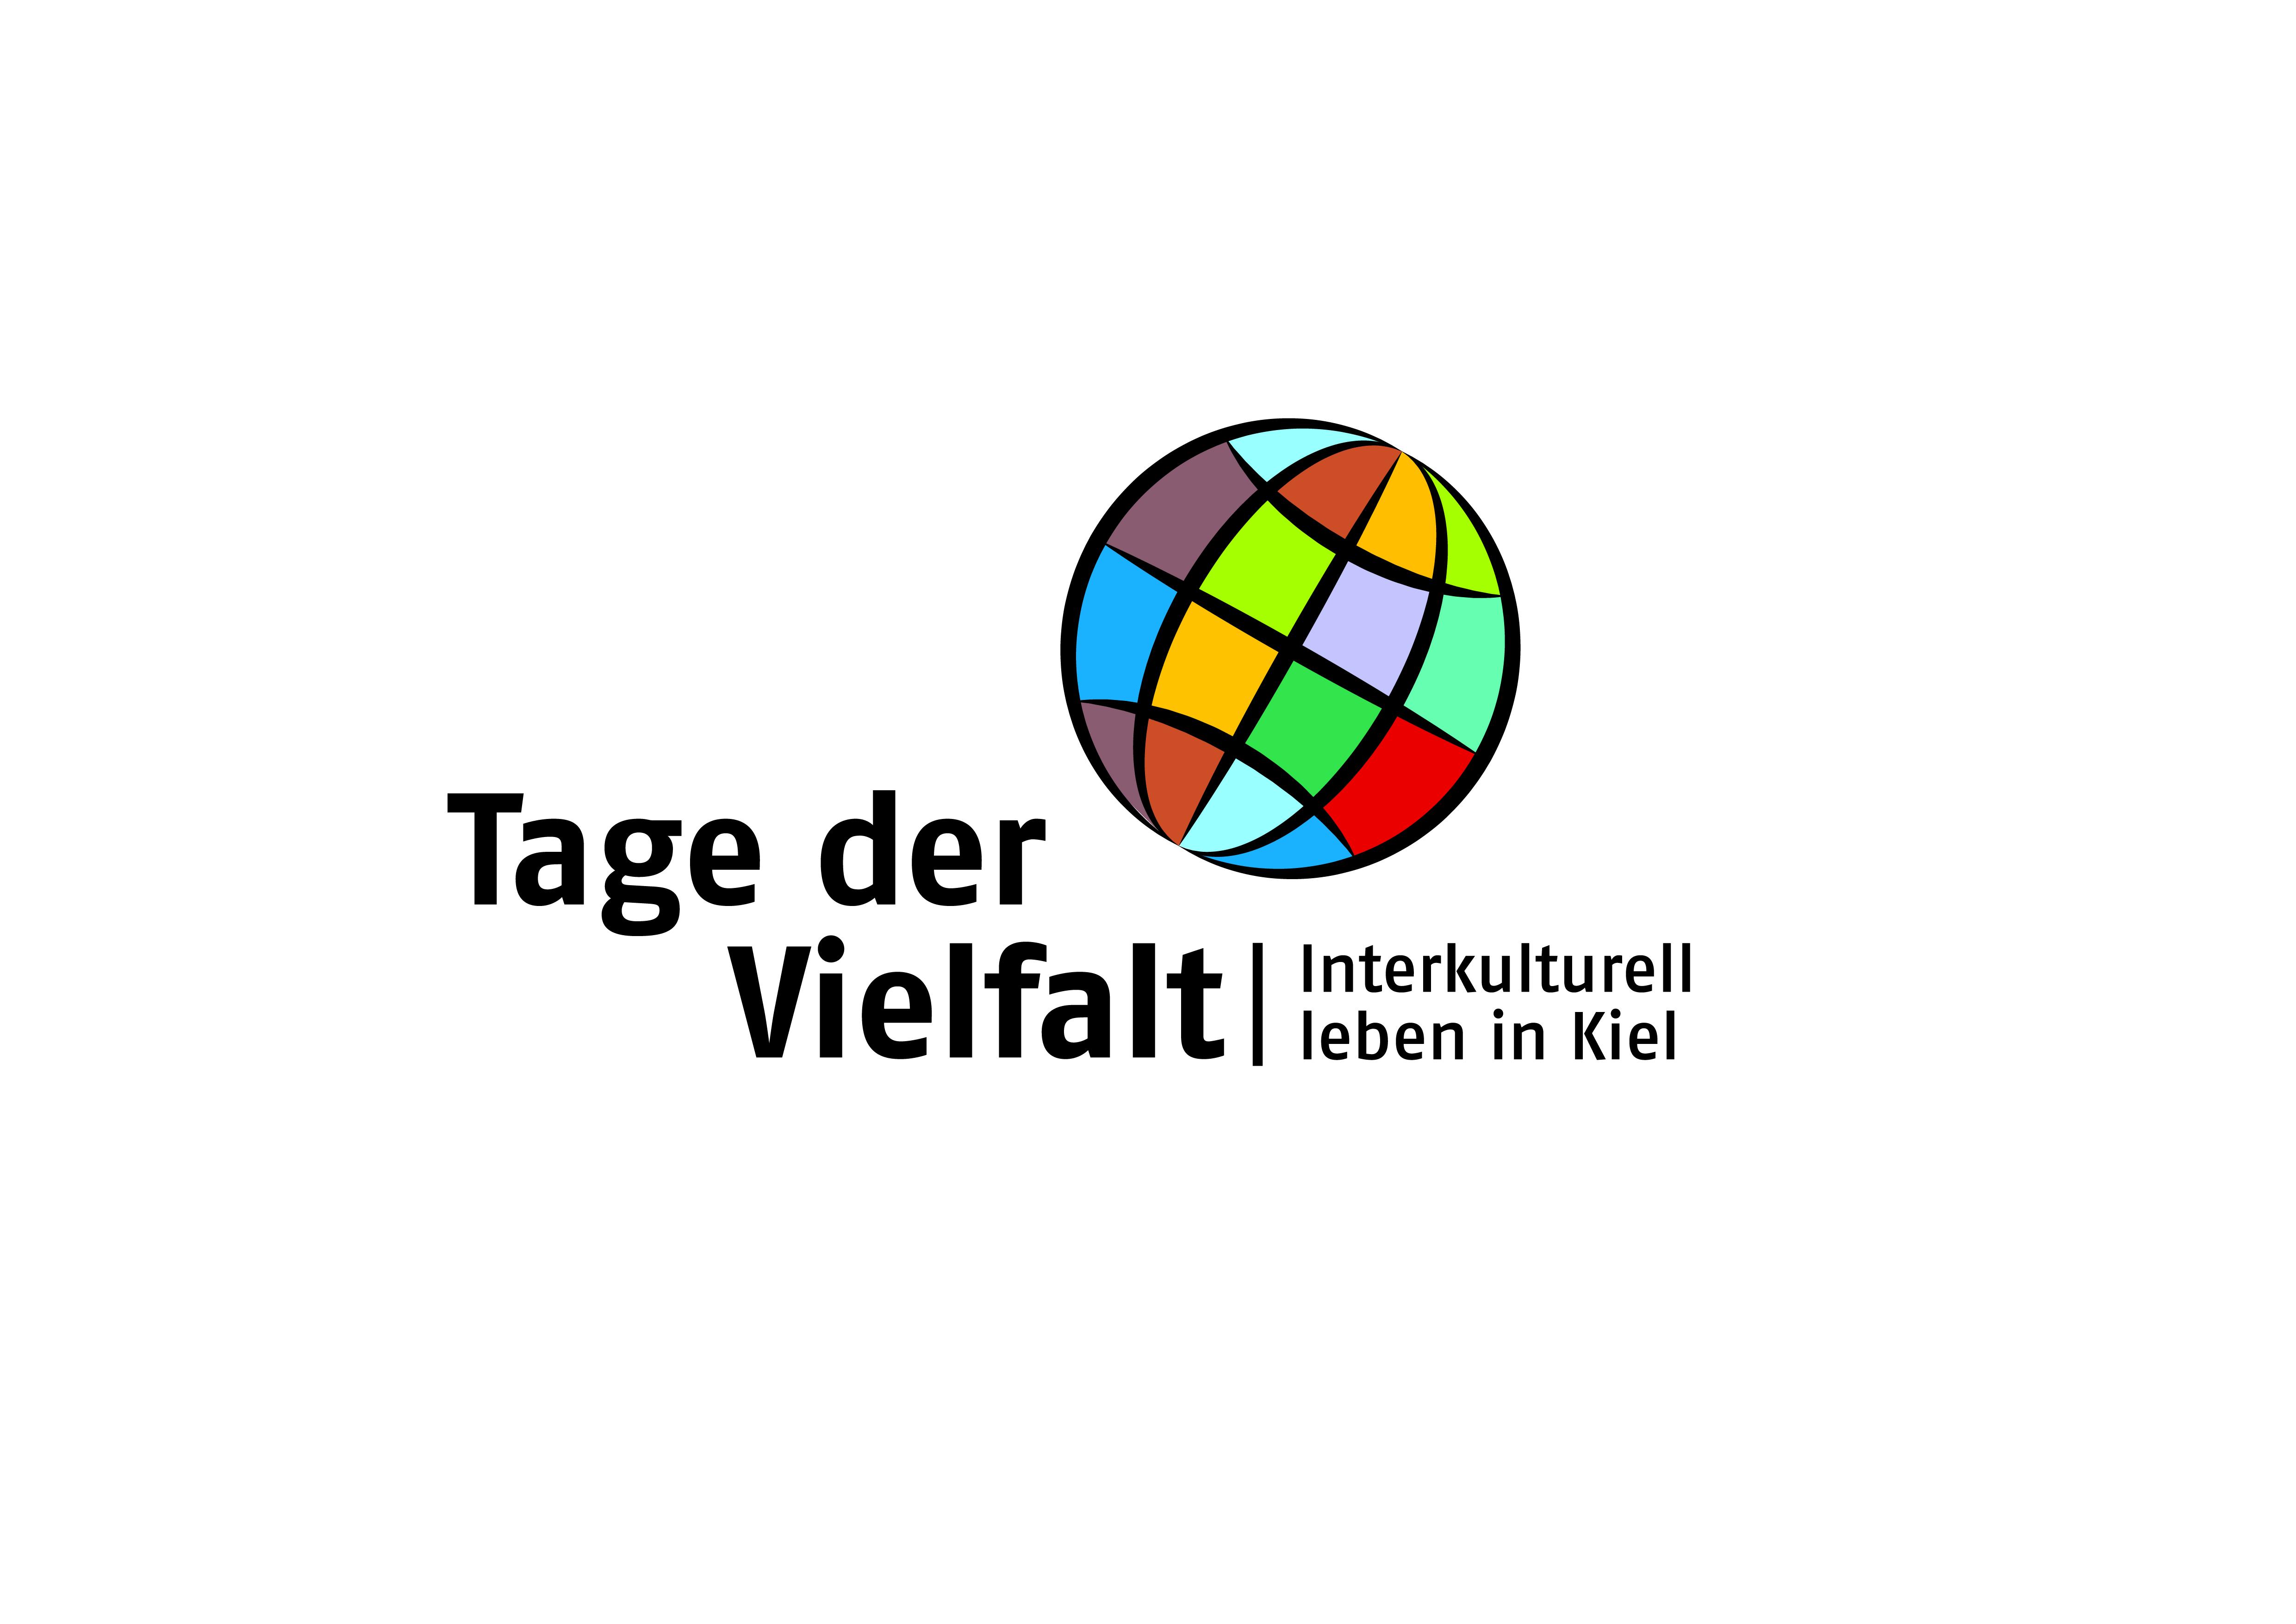 Tage der Vielfalt in Kiel – Infostand des advsh am 6. und 7. September auf dem Asmus-Bremer-Platz